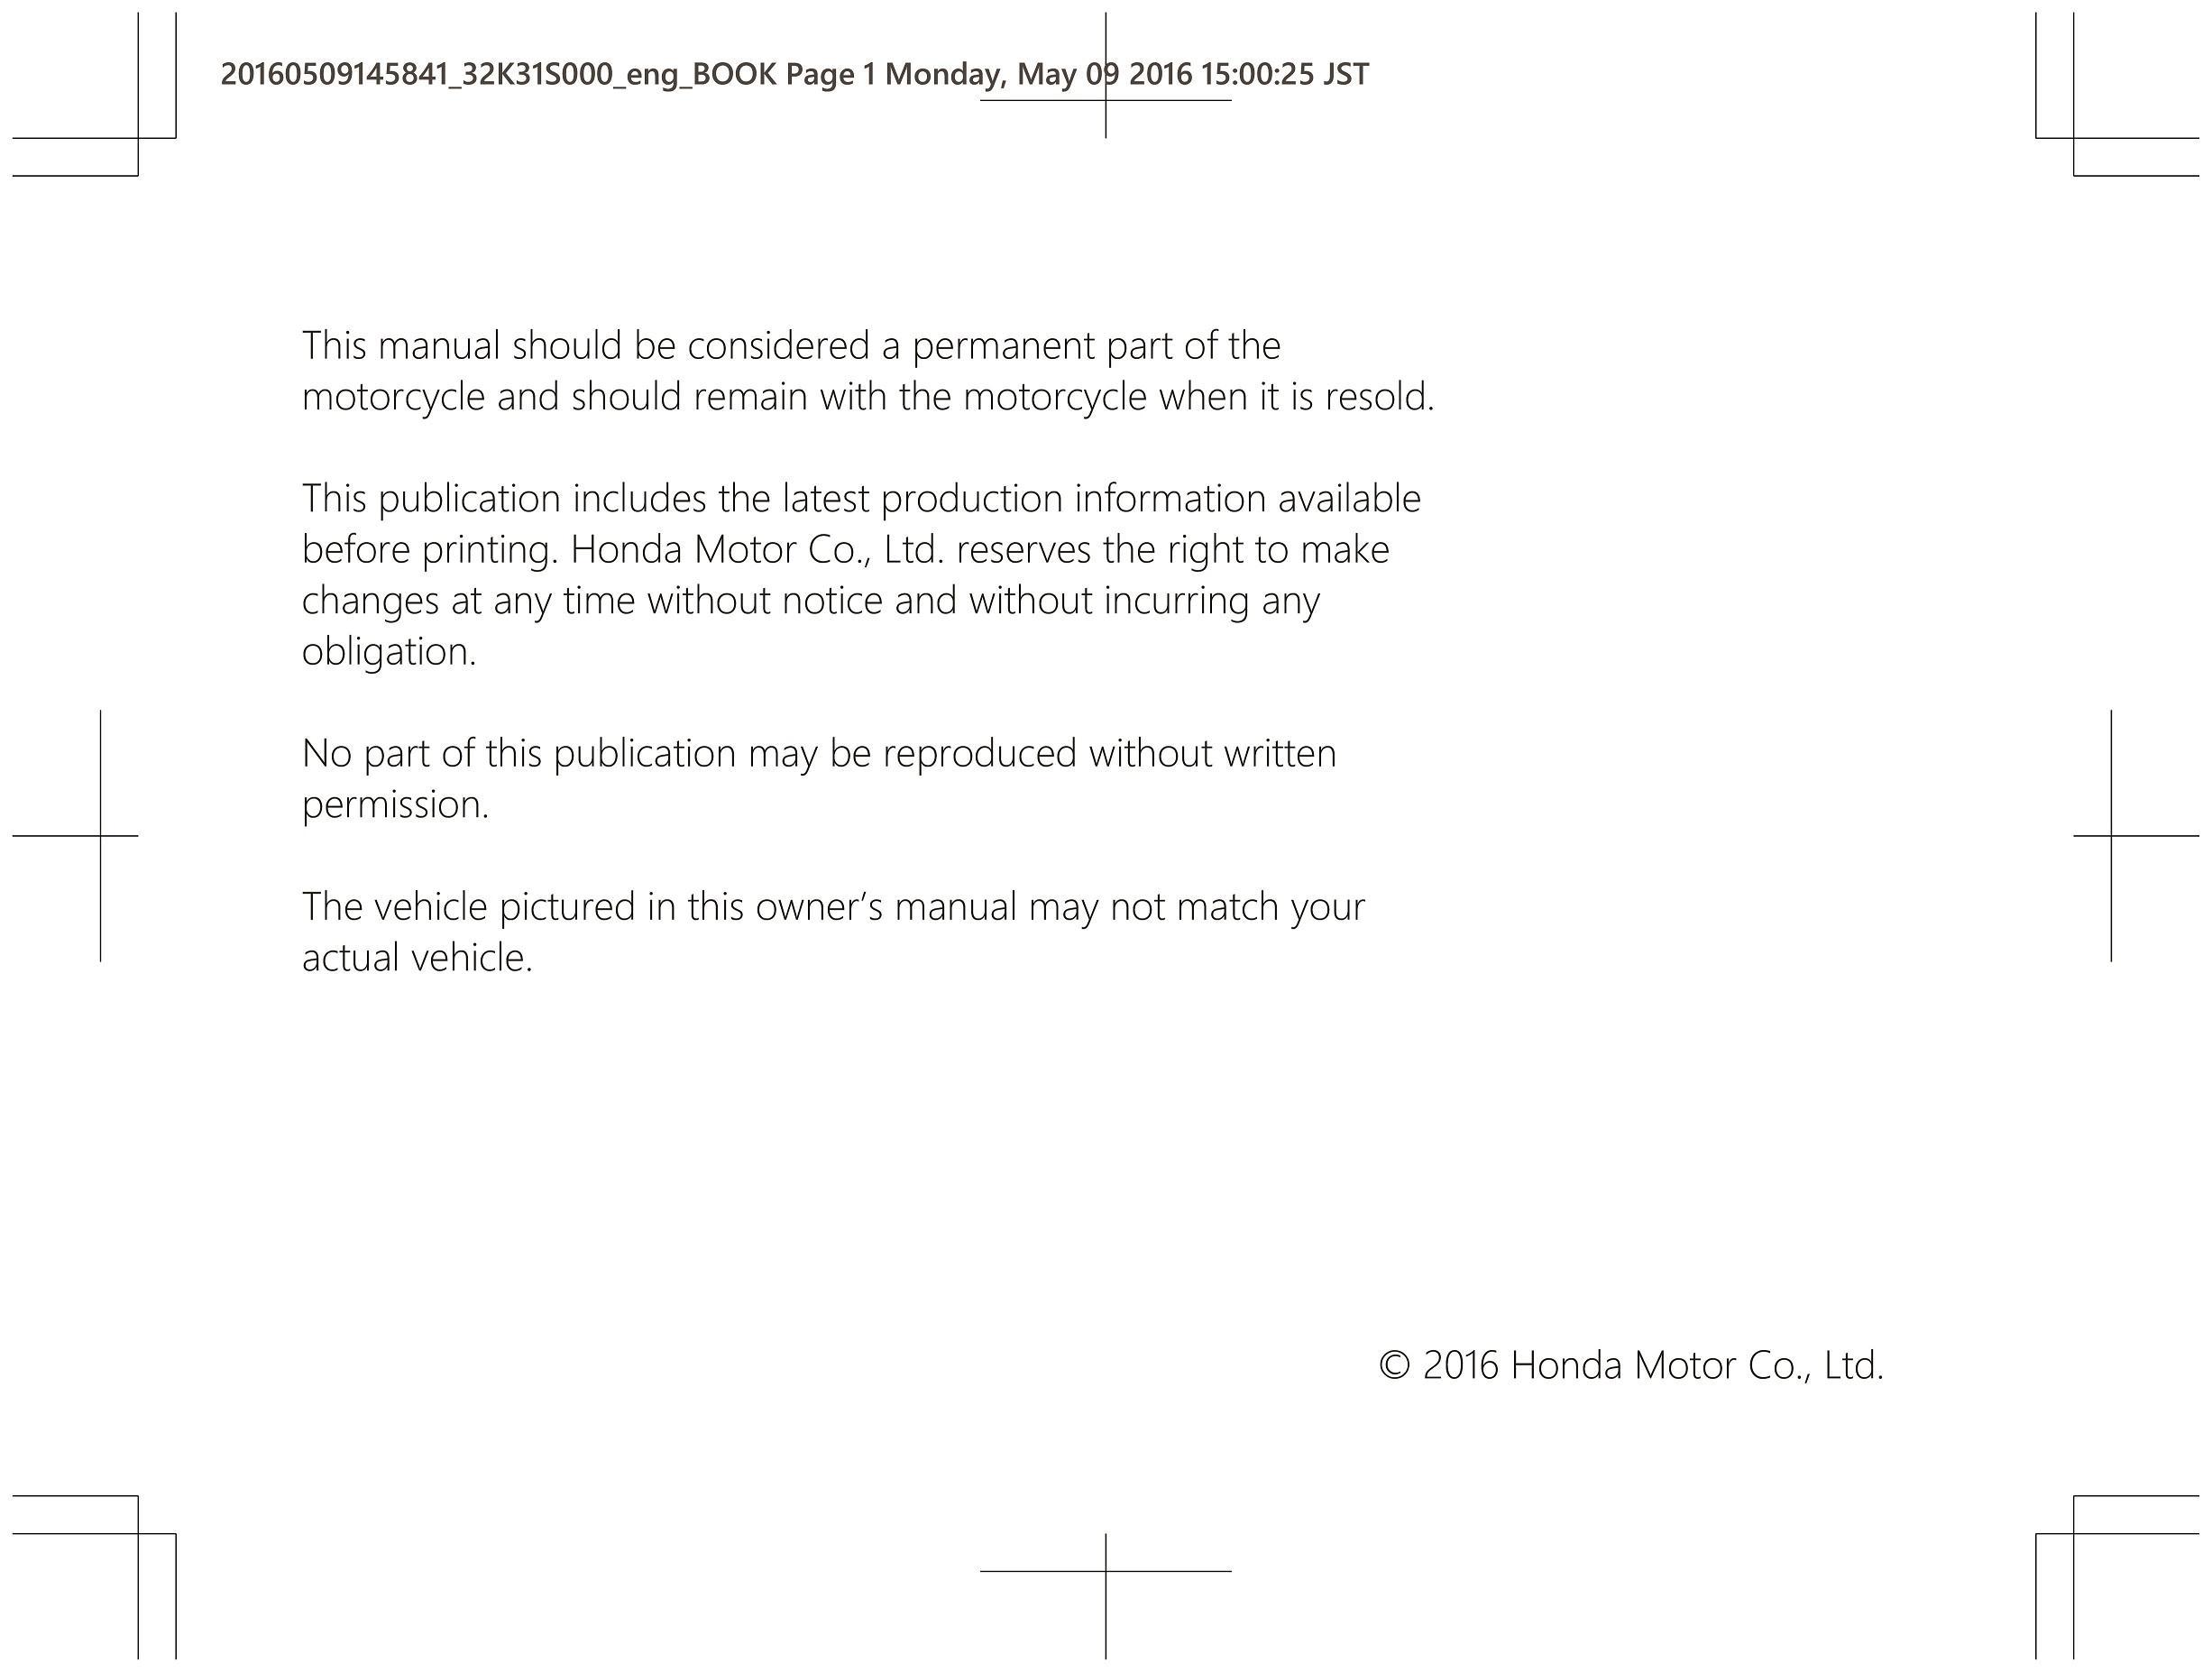 Owners manual for Honda CB250 (2016)